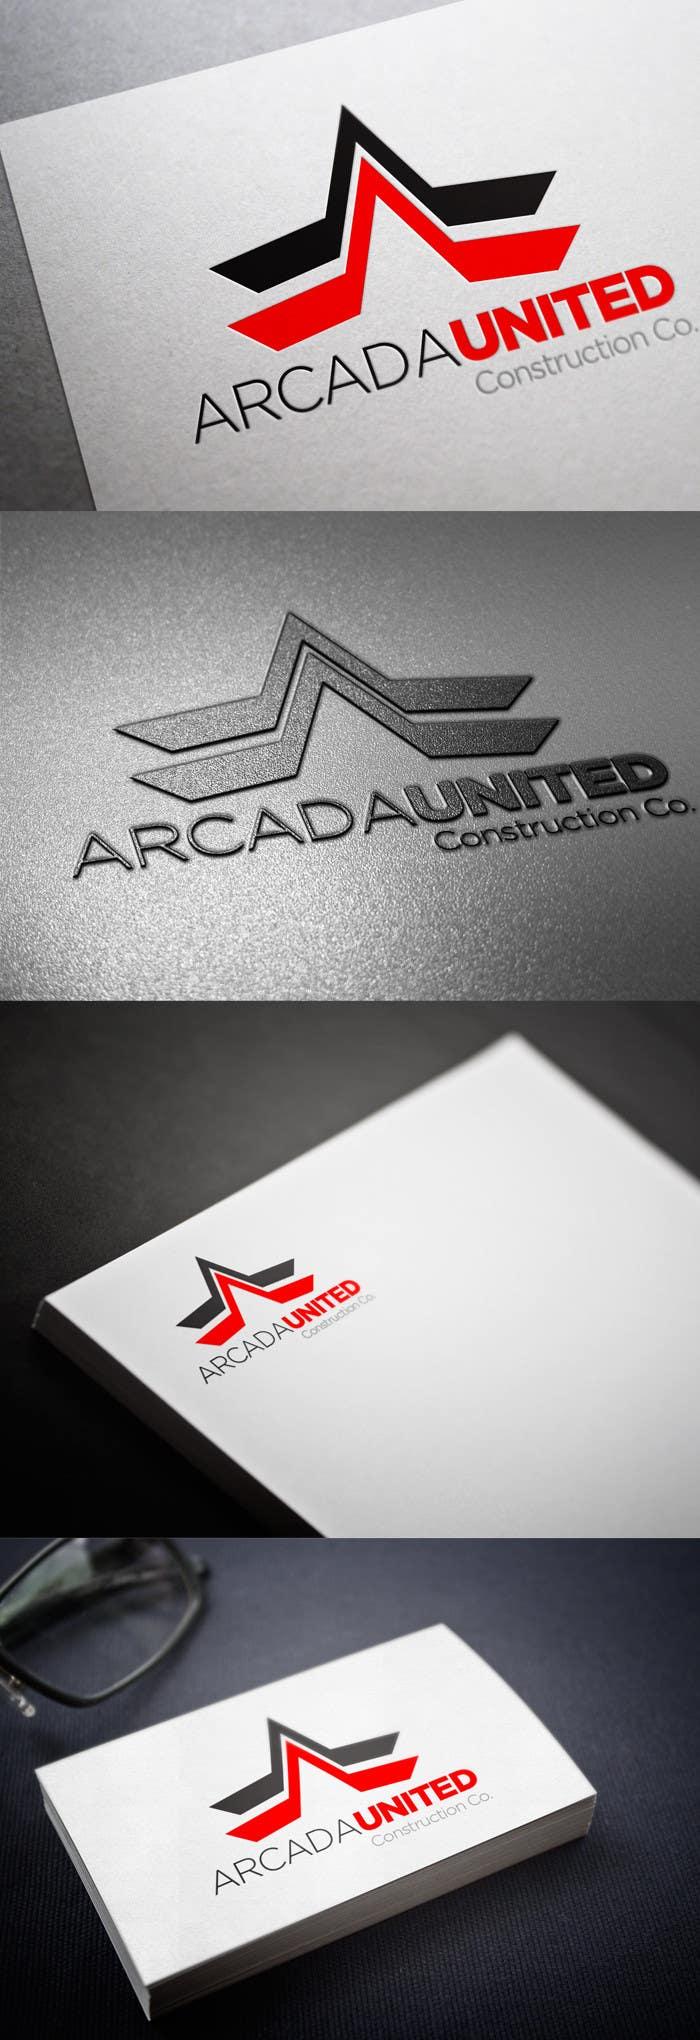 Inscrição nº 10 do Concurso para Design a Logo for Arcada United